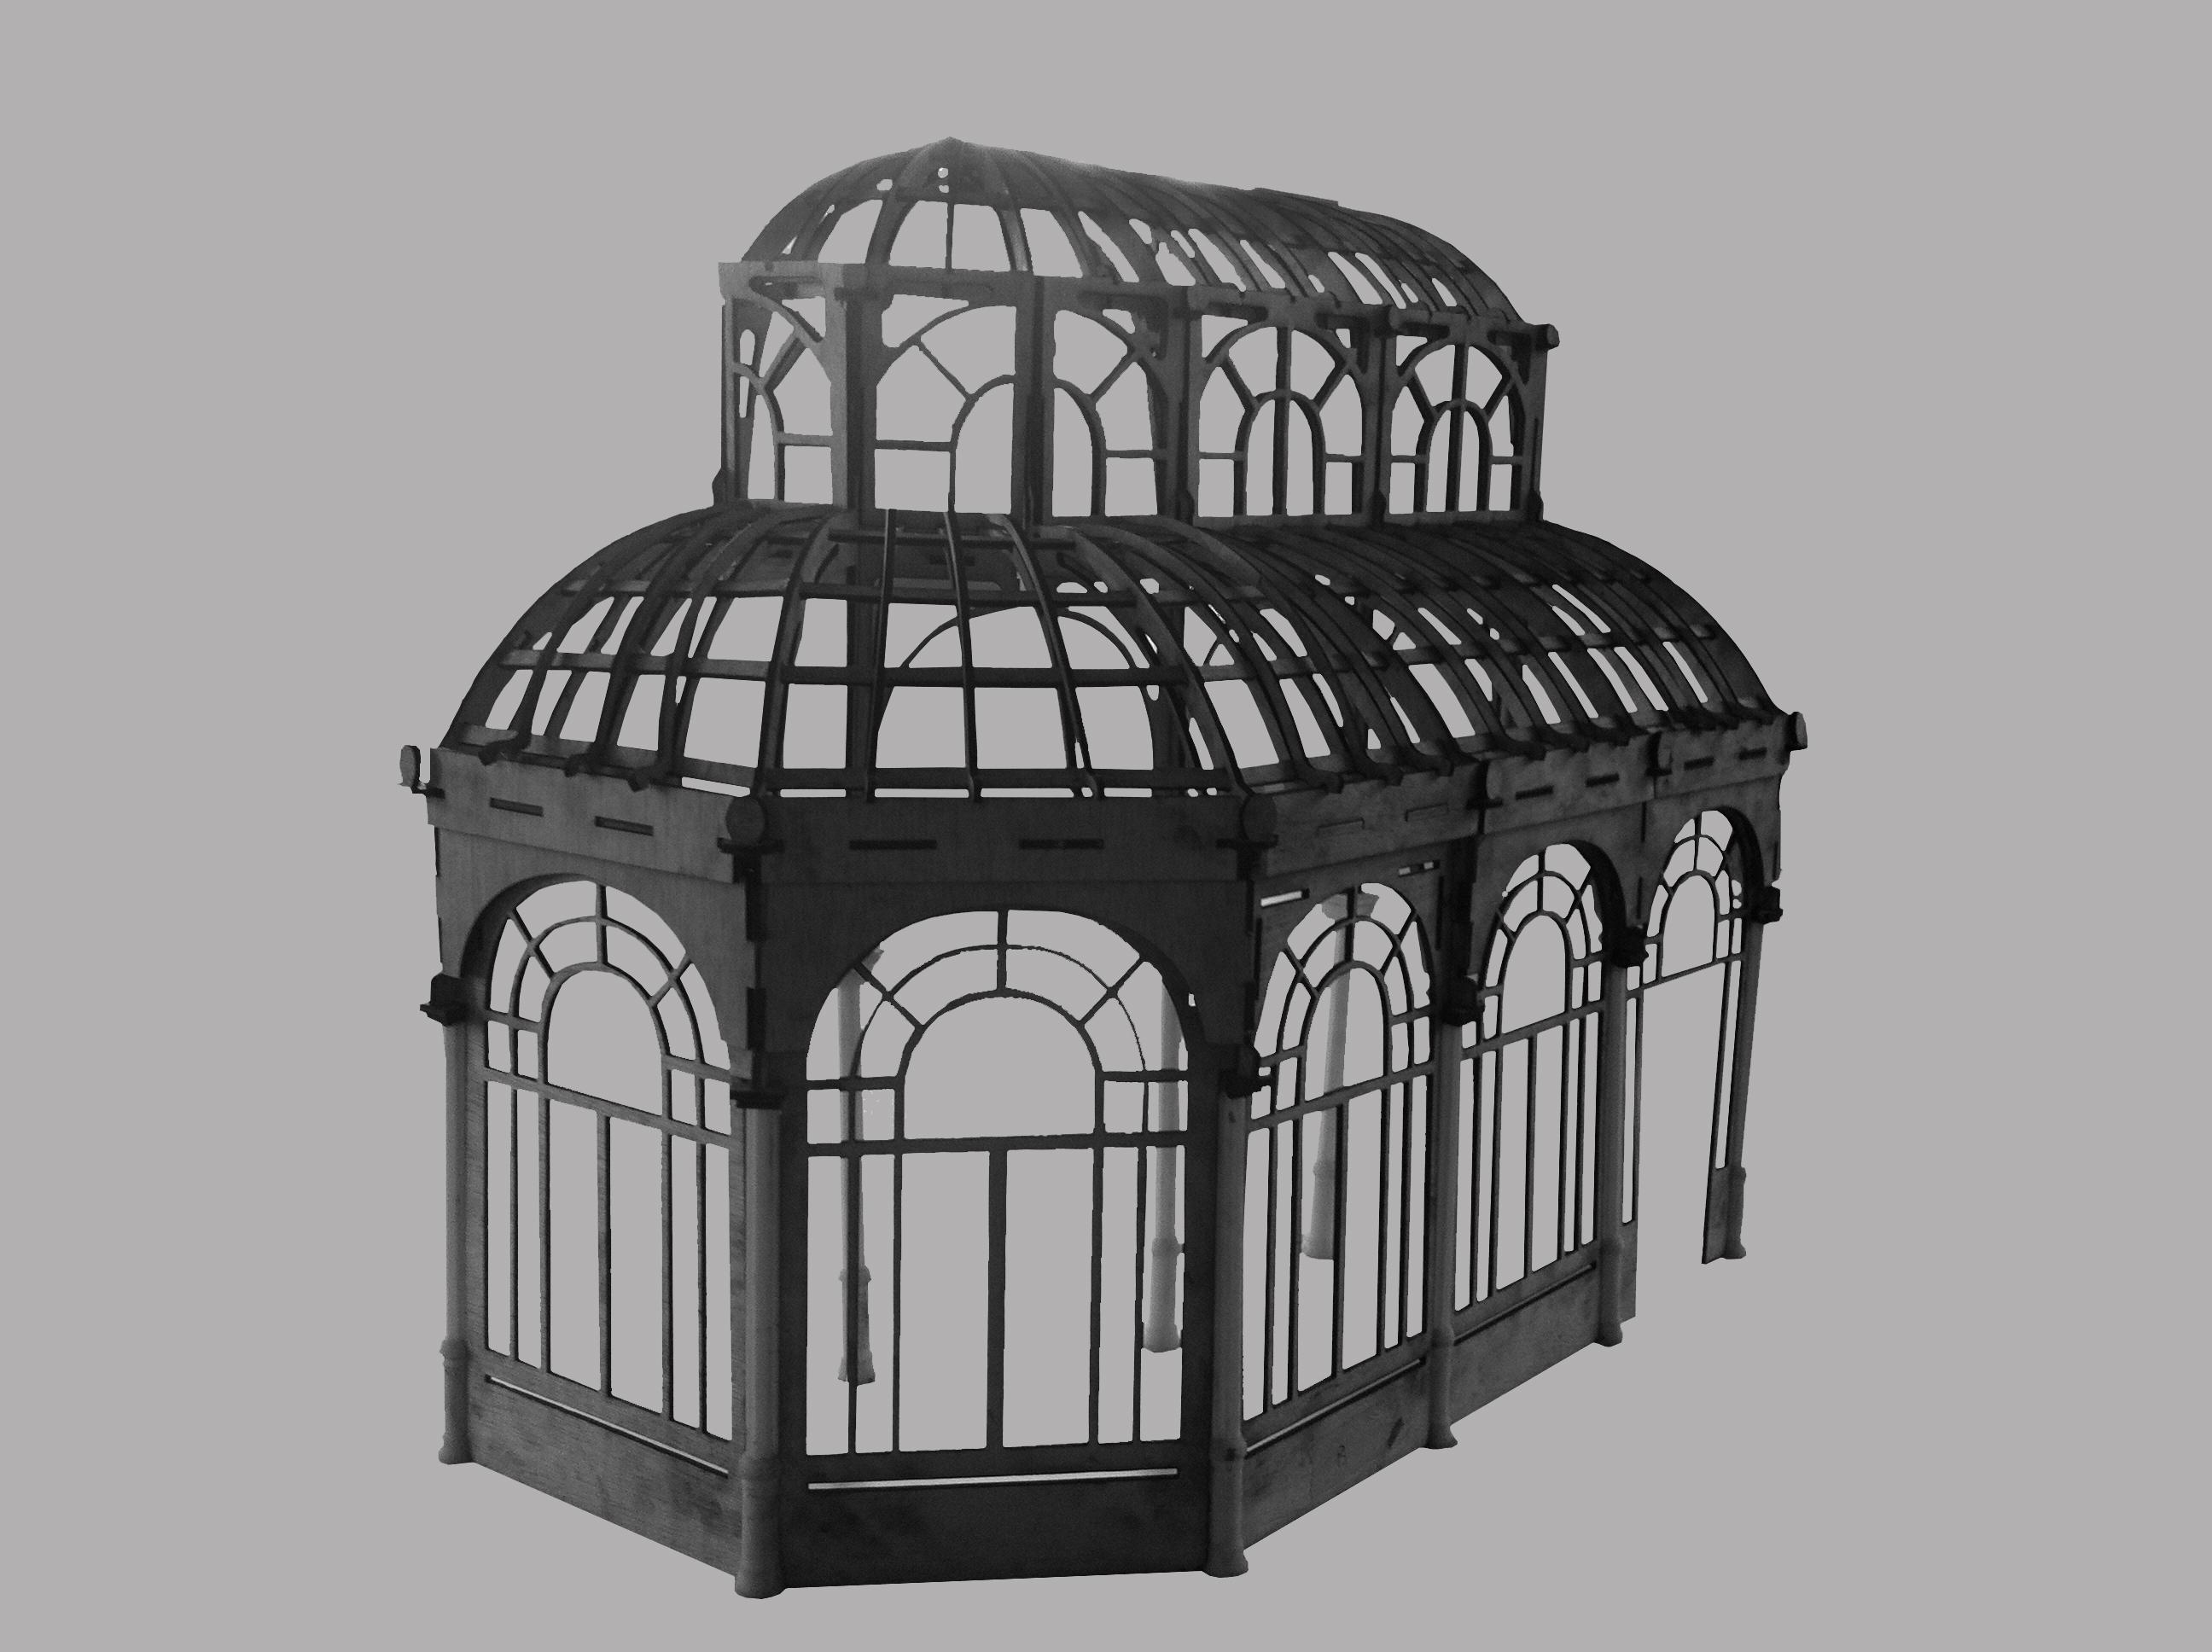 Maqueta sección Palacio de cristal del retiro (Madrid)